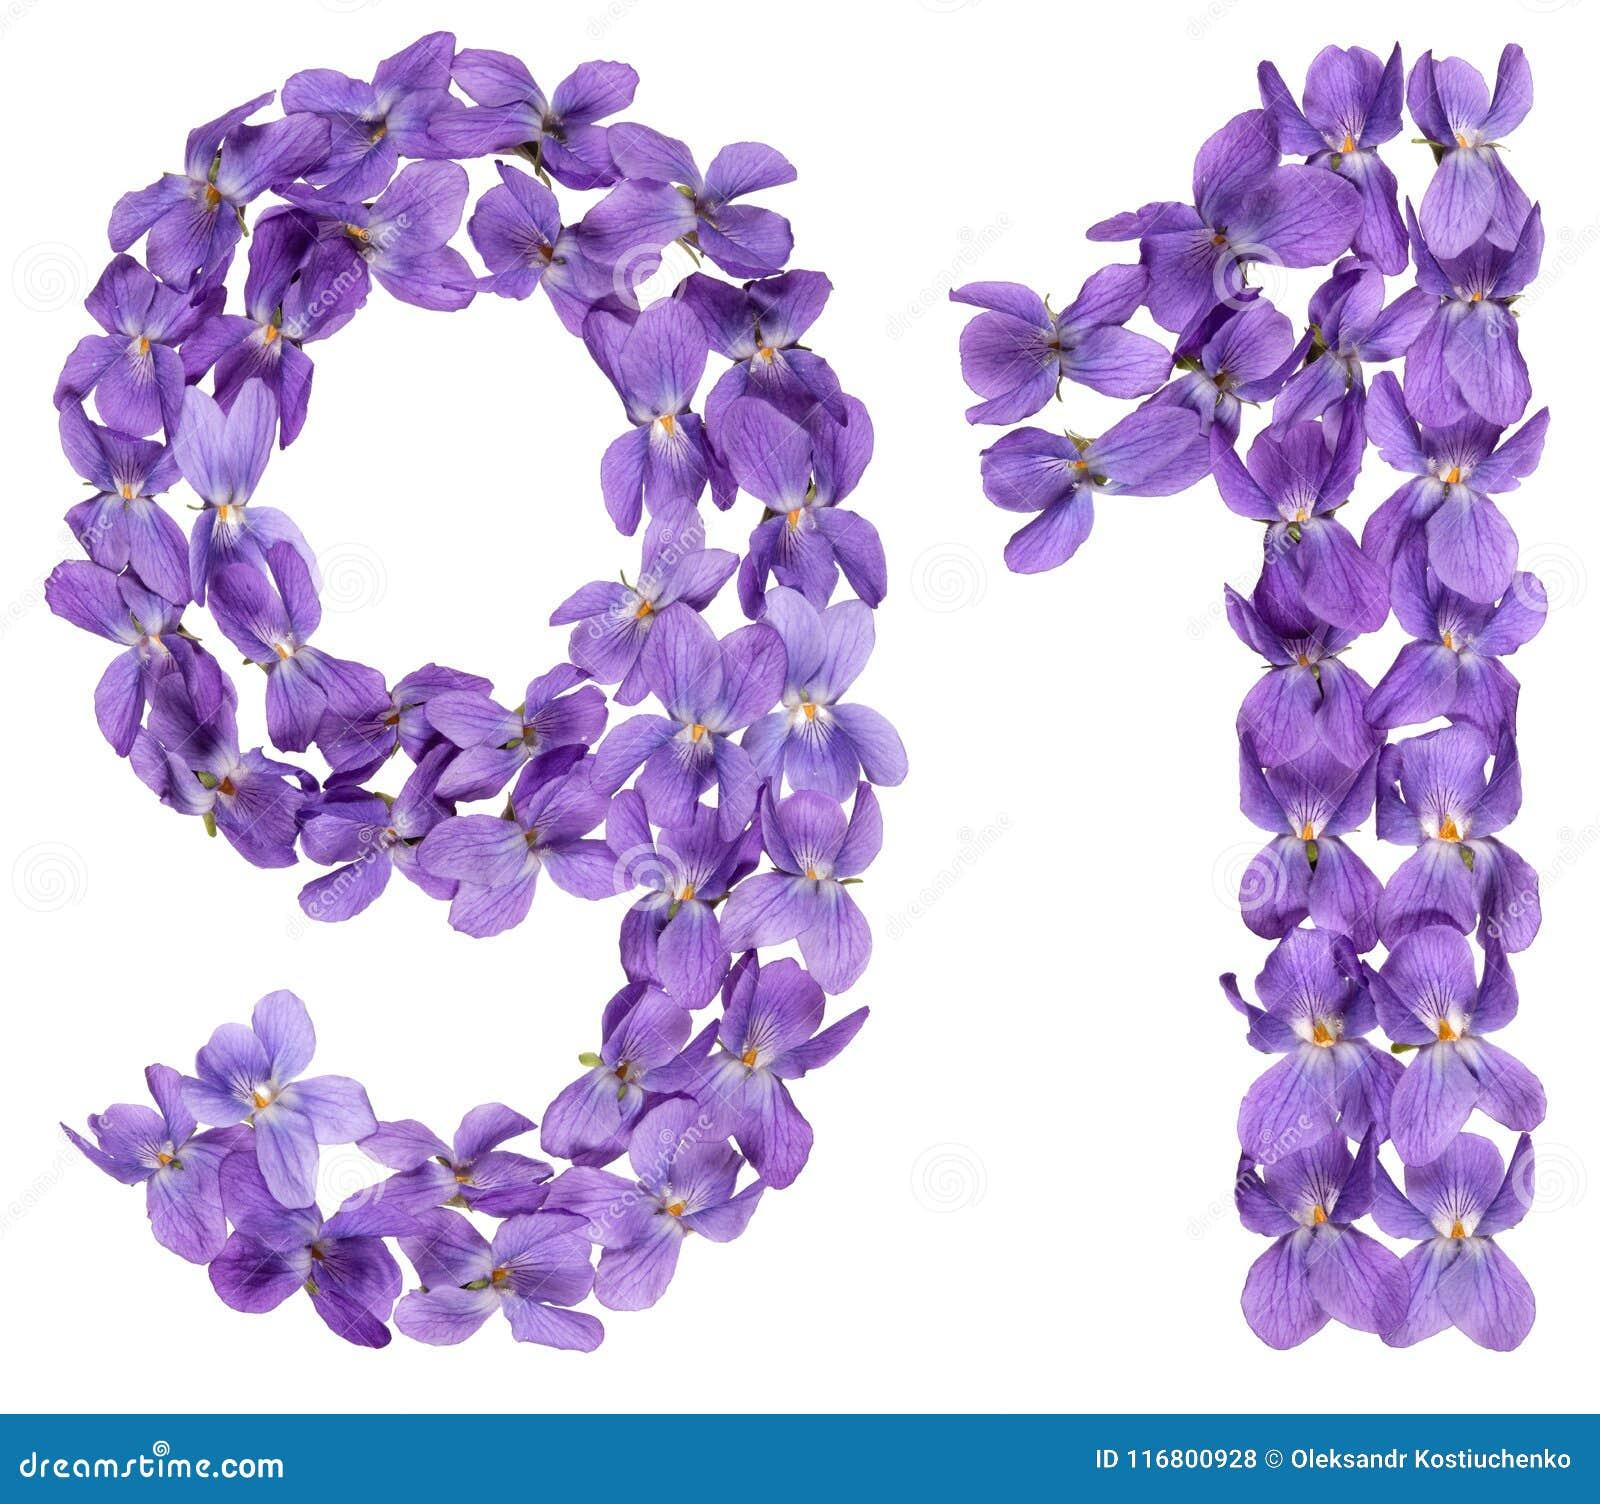 Il numero arabo 91, novanta uno, dai fiori della viola, ha isolato la o